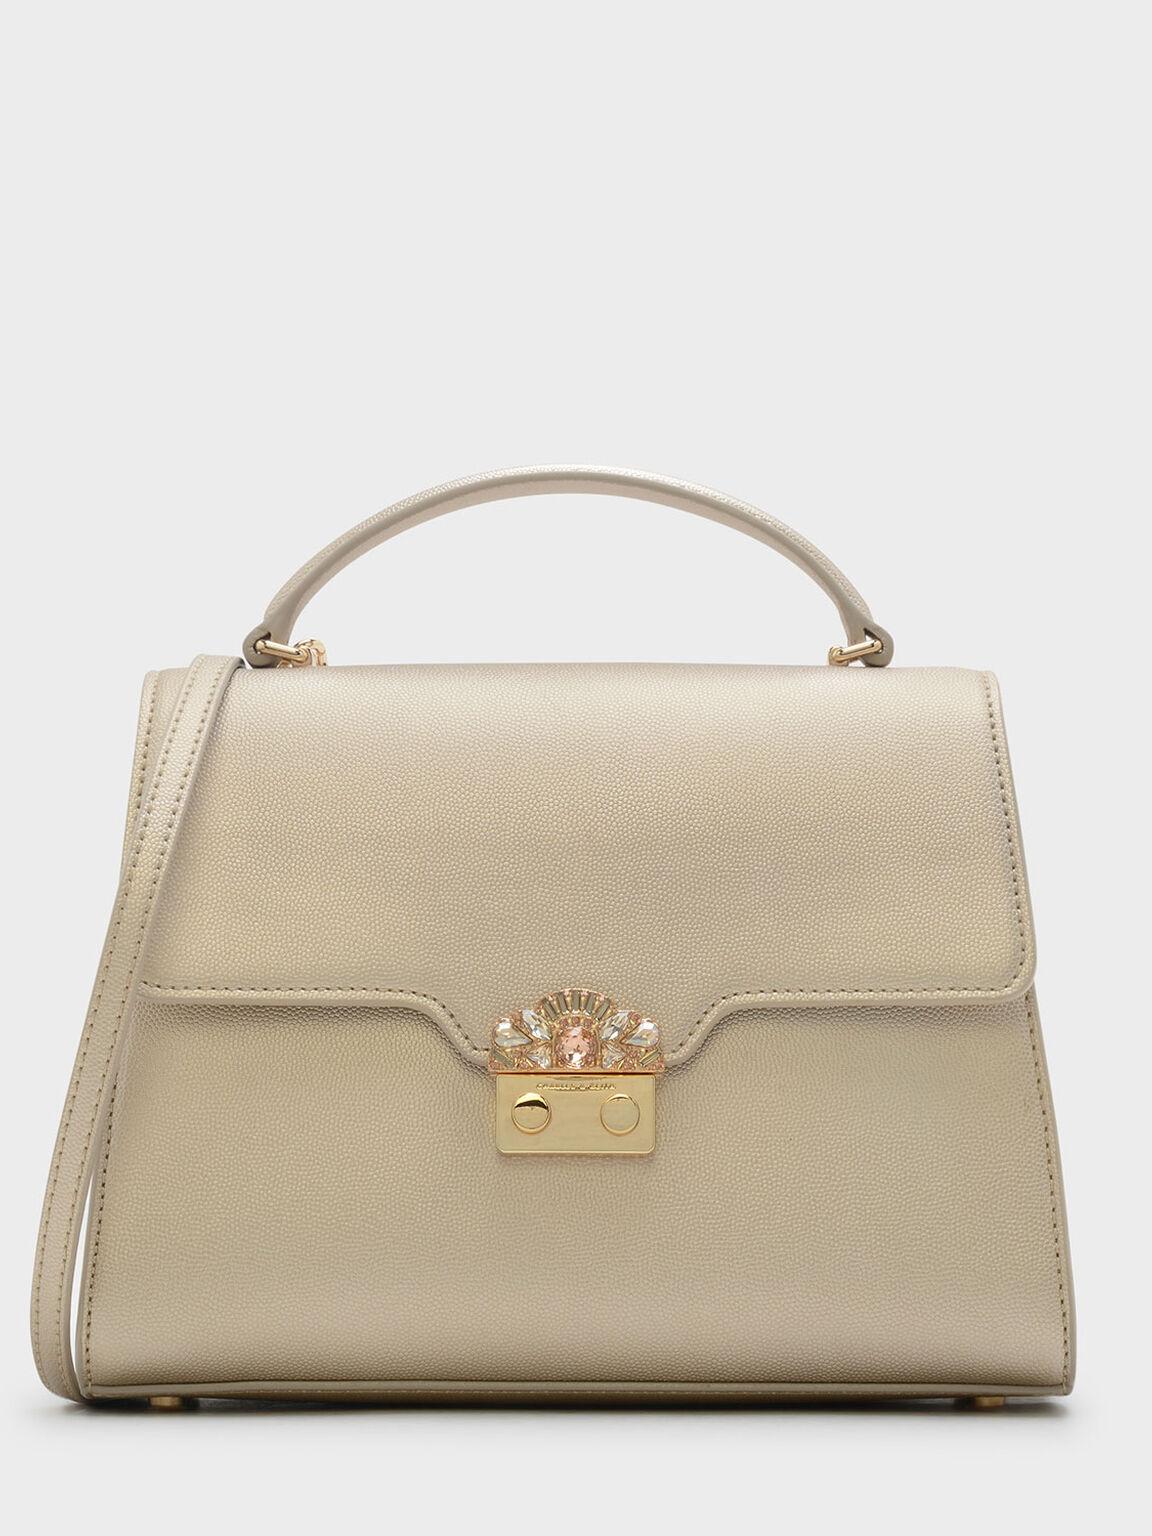 Embellished Buckle Bag, Gold, hi-res